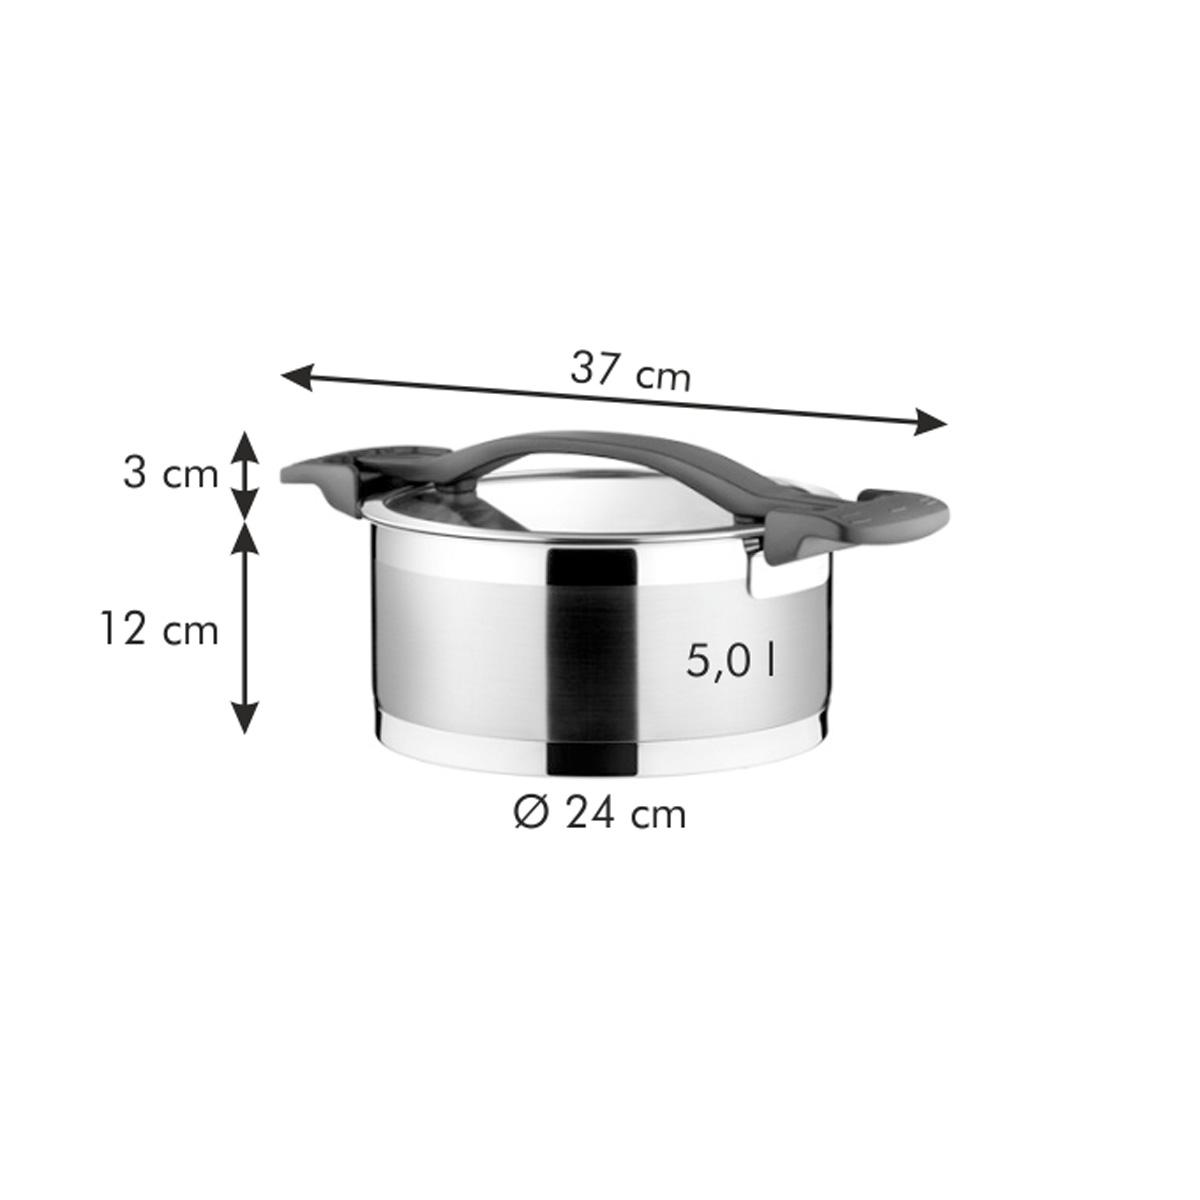 Kastrol ULTIMA s poklicí ø 24 cm, 5.0 l